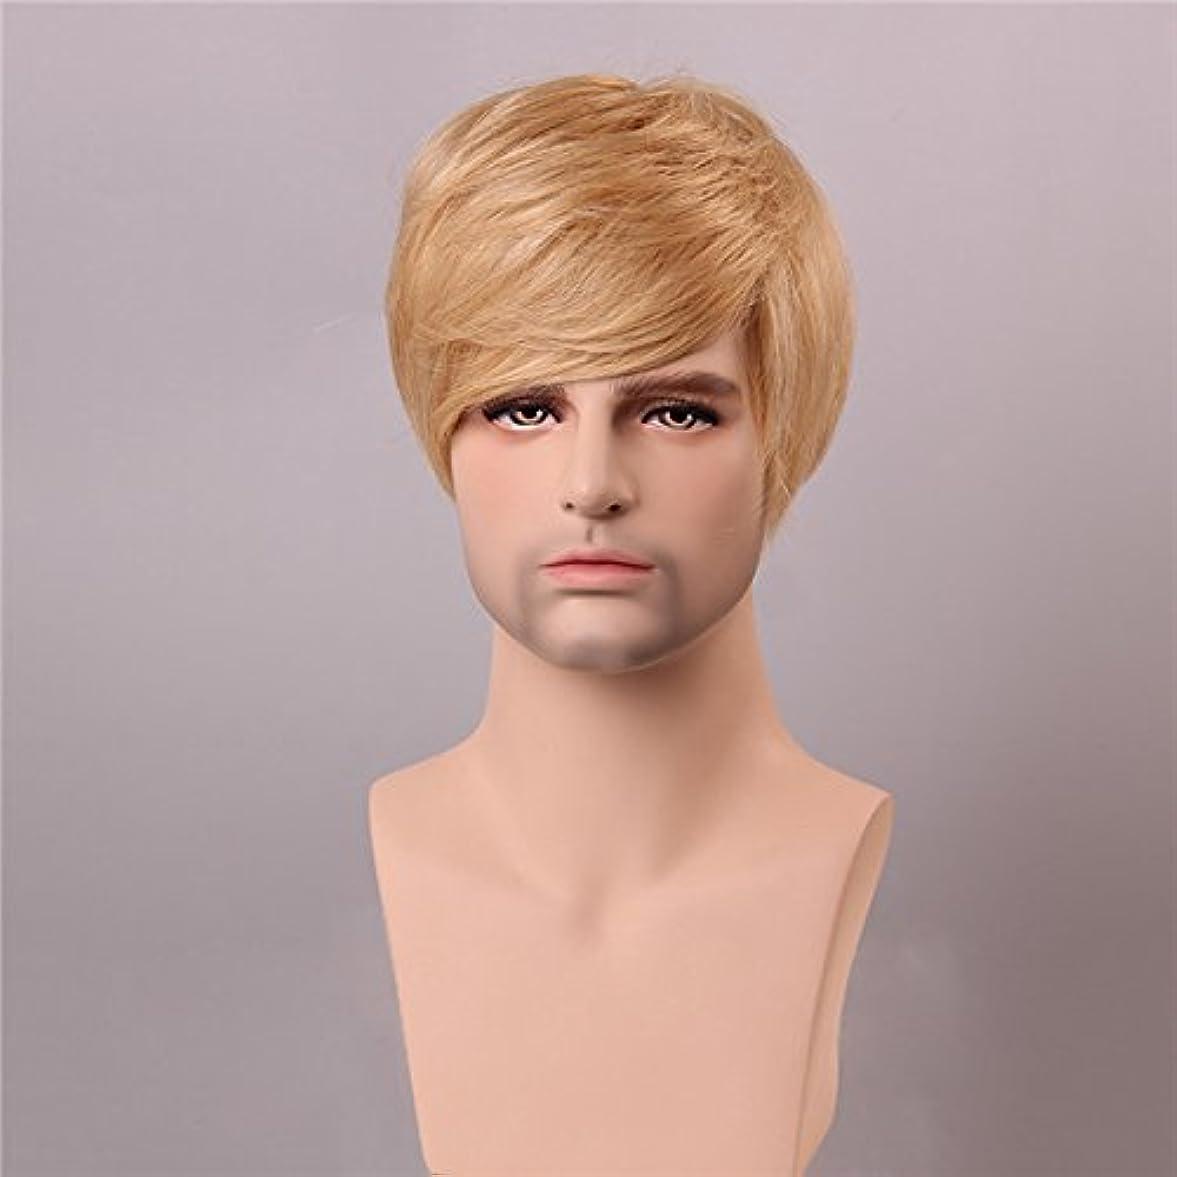 谷然とした目的YZUEYT ブロンドの男性短いモノラルトップの人間の髪のかつら男性のヴァージンレミーキャップレスサイドバング YZUEYT (Size : One size)